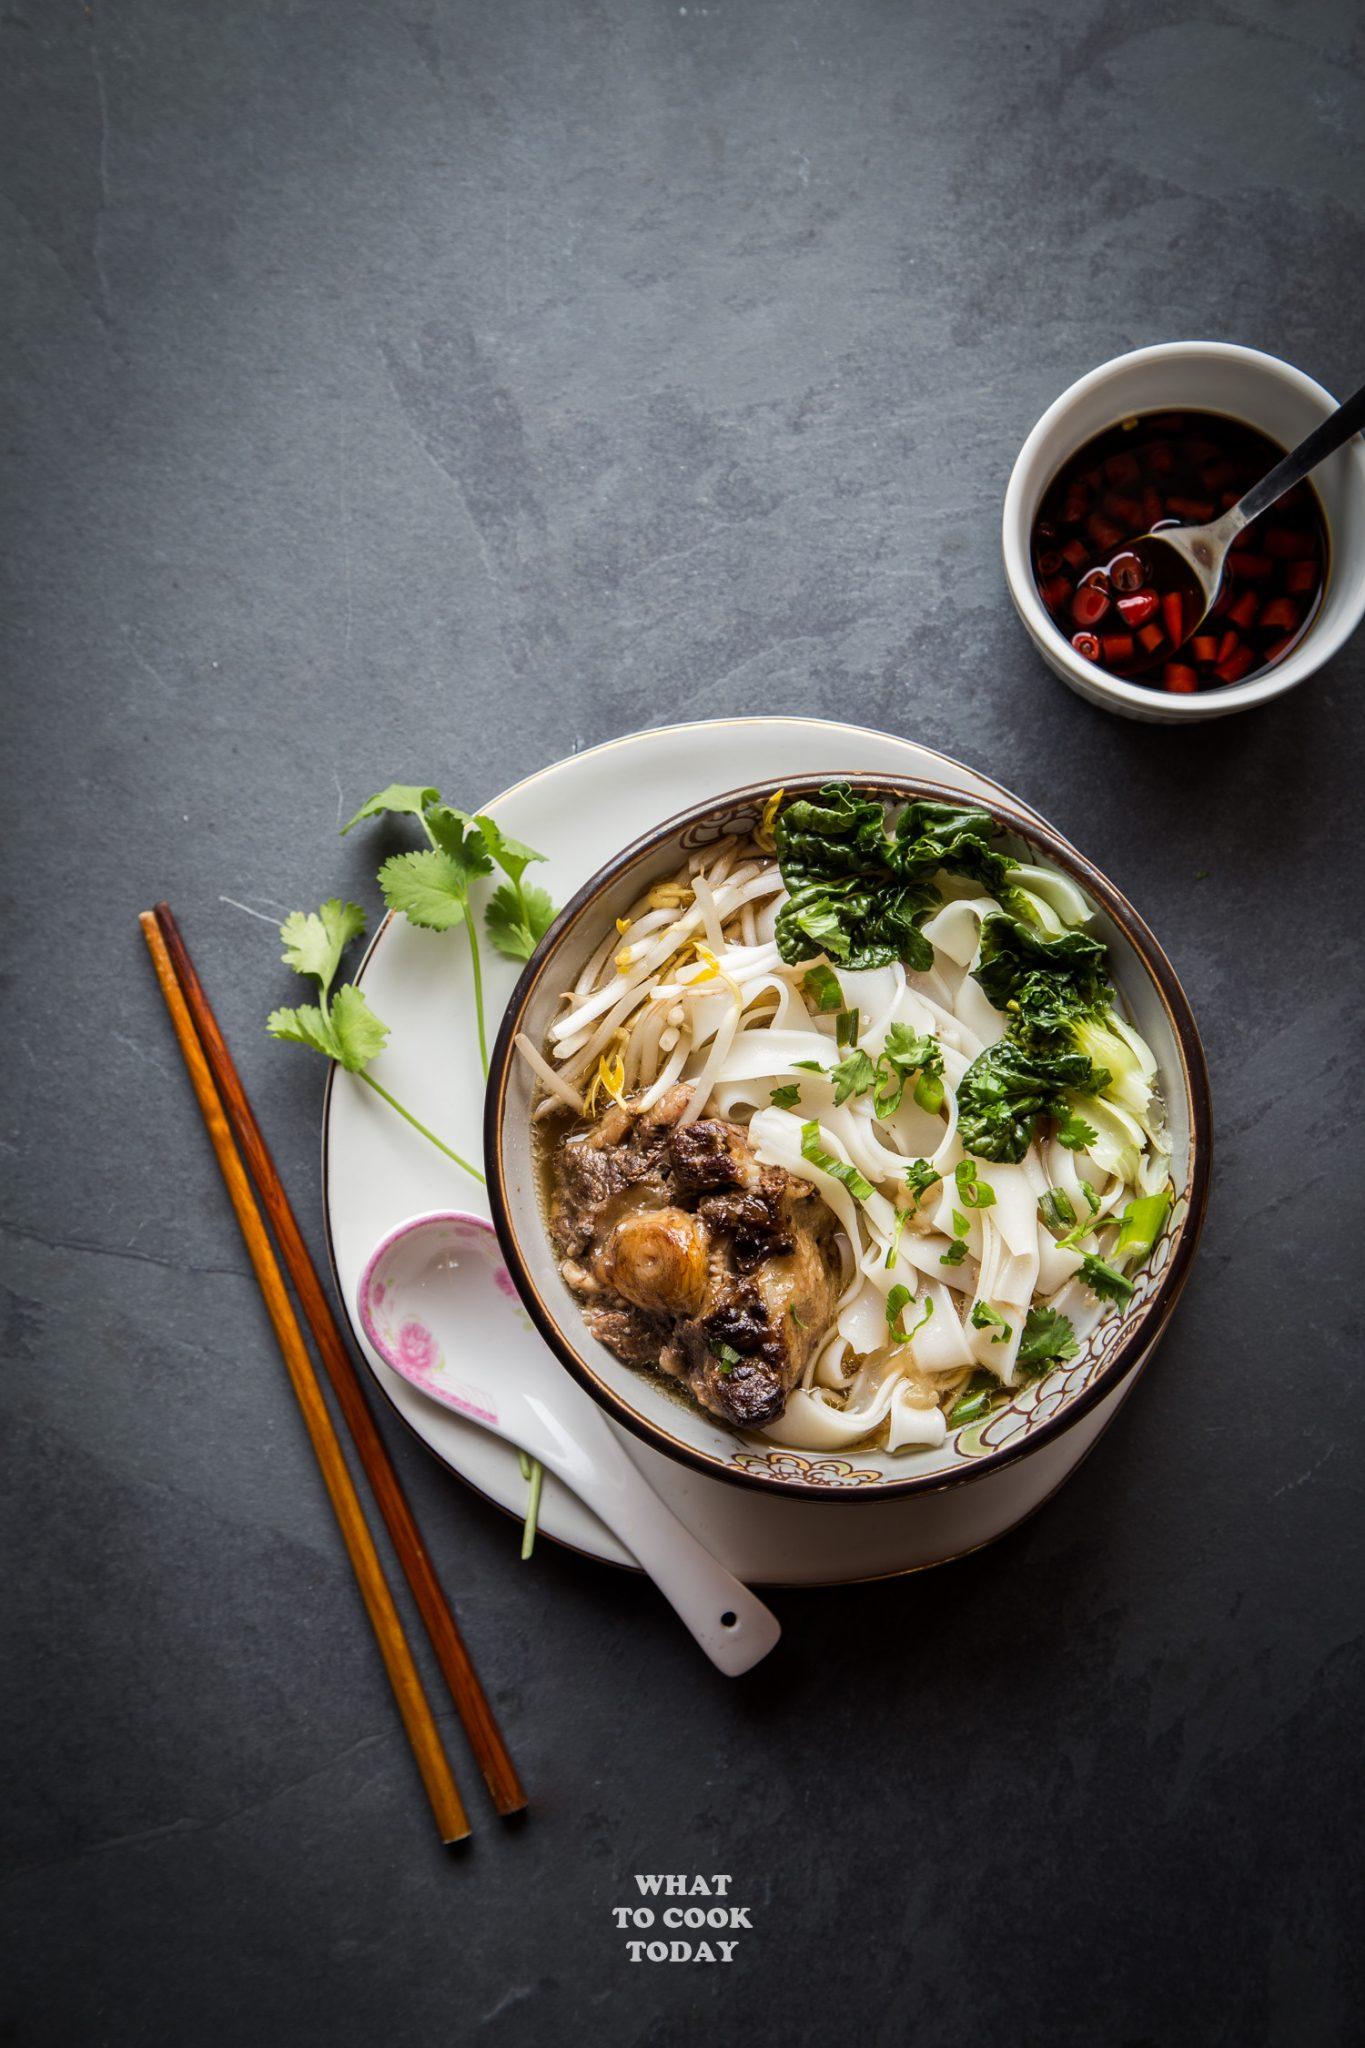 Instant Pot Oxtail Ho Fun Noodle Soup #instantpot #ricenoodles #noodlesoup #hofun #recipes